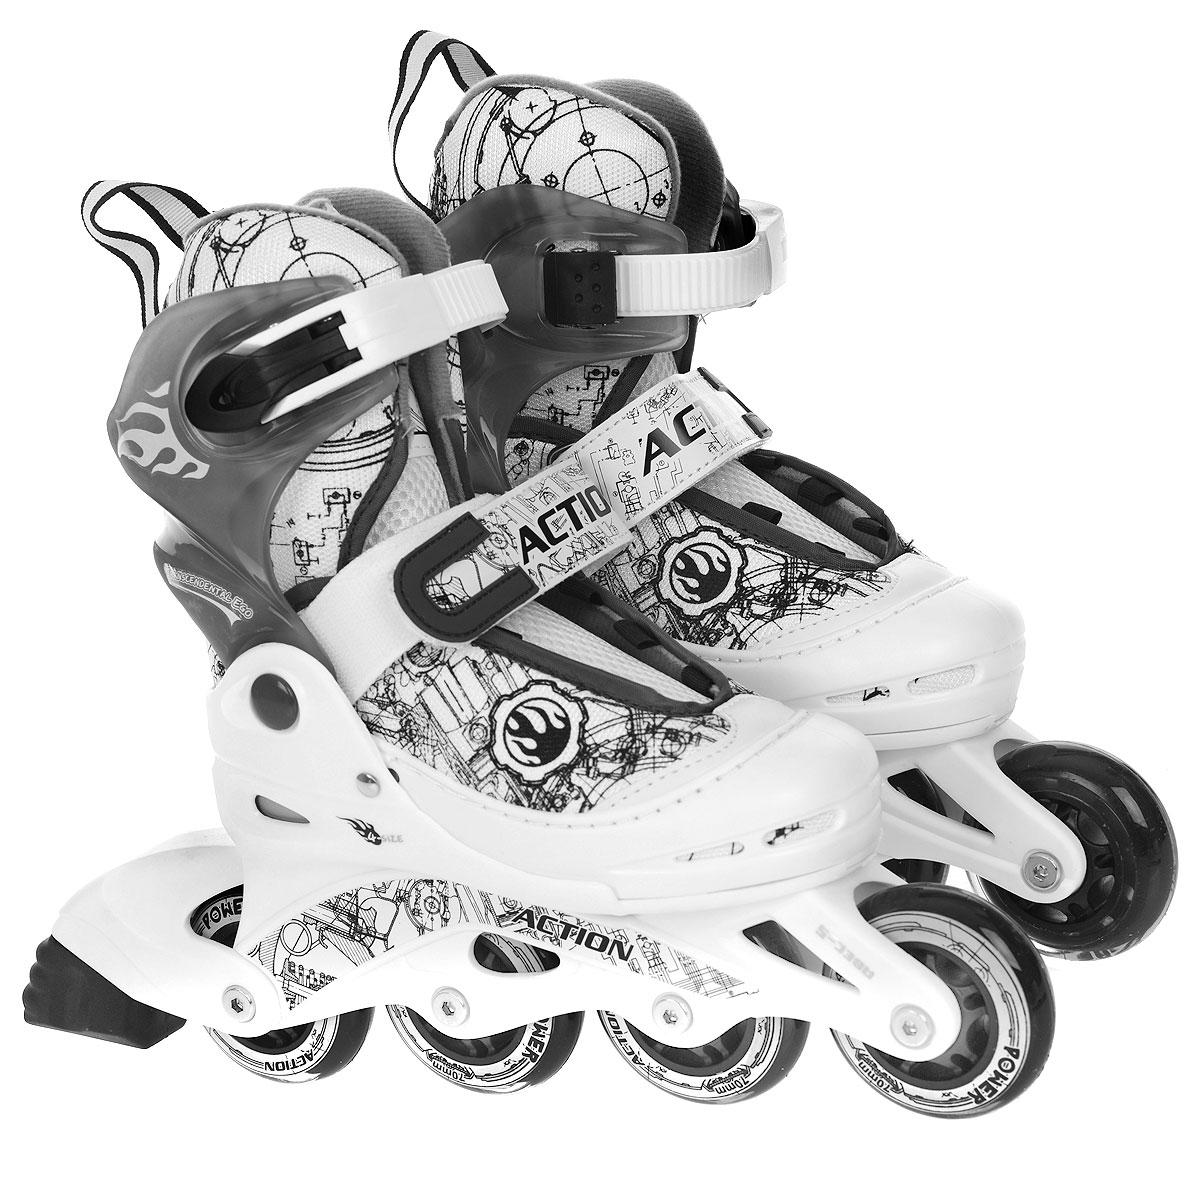 Коньки роликовые Action PW-118, раздвижные, цвет: белый, серый. Размер 38/41 роликовые коньки детские раздвижные action pw 117n